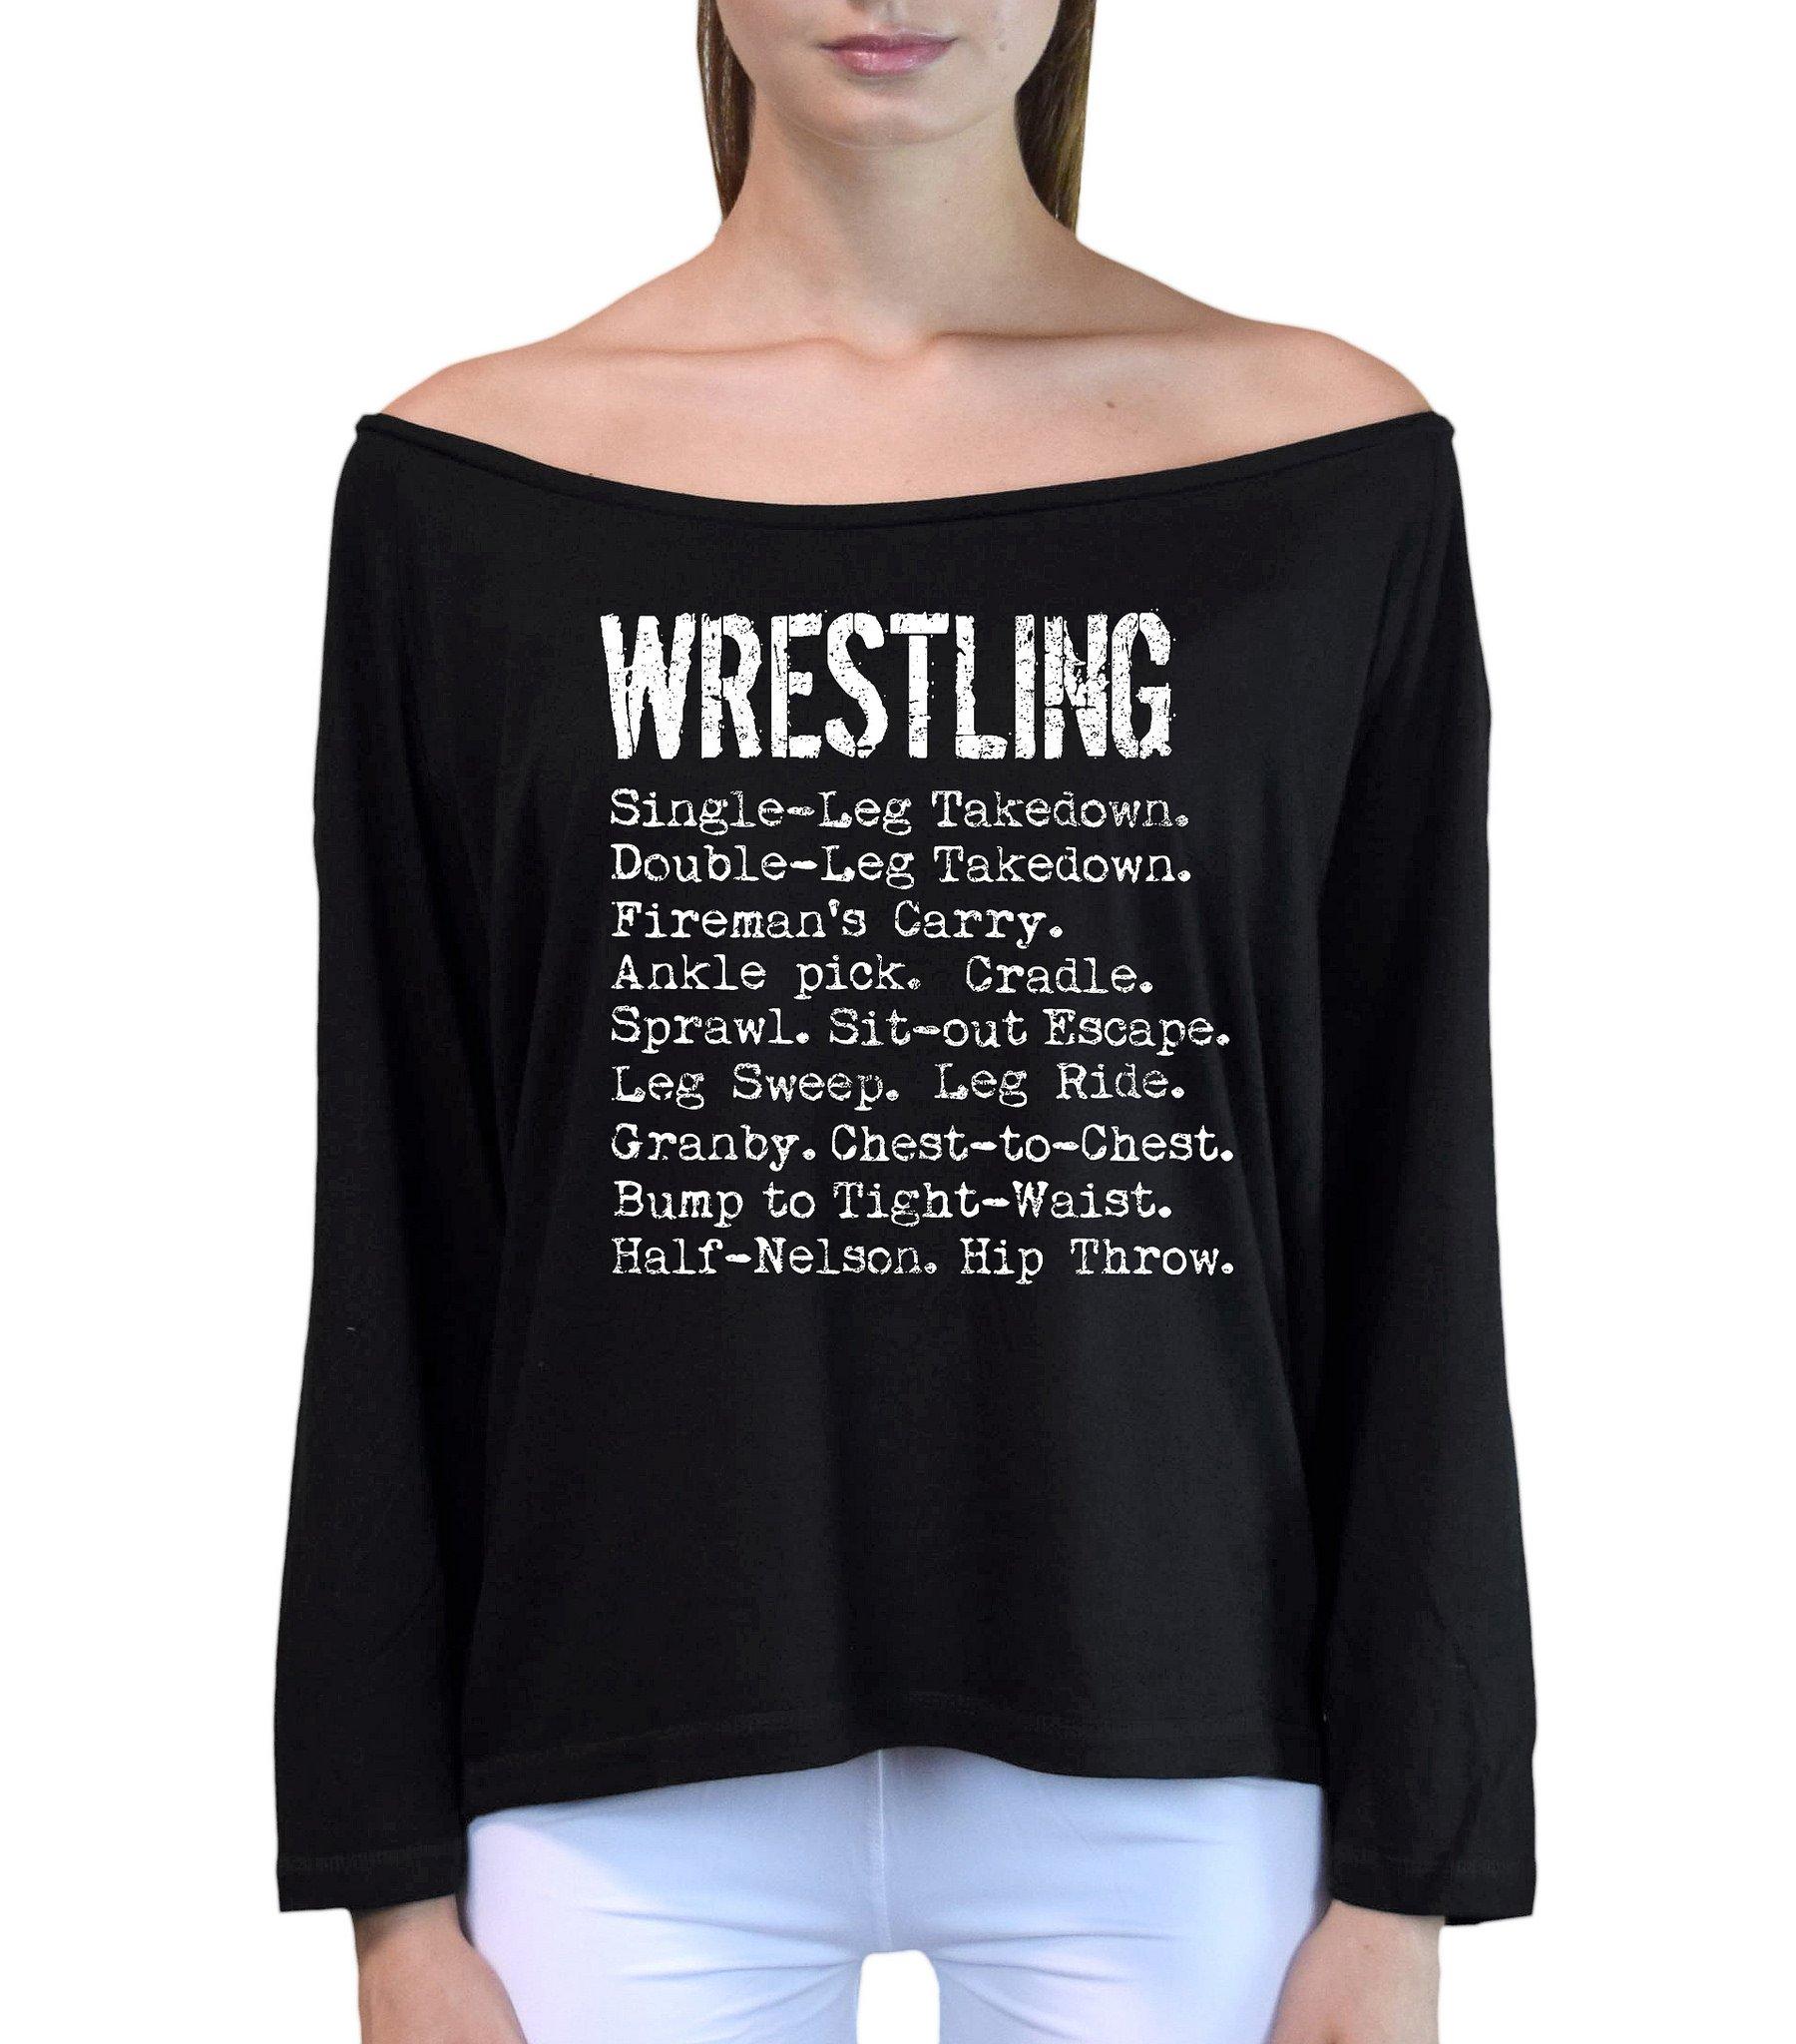 Interstate Apparel Inc Junior's Wrestling Moves Black Off-Shoulder Long Sleeve T-Shirt S/M Black